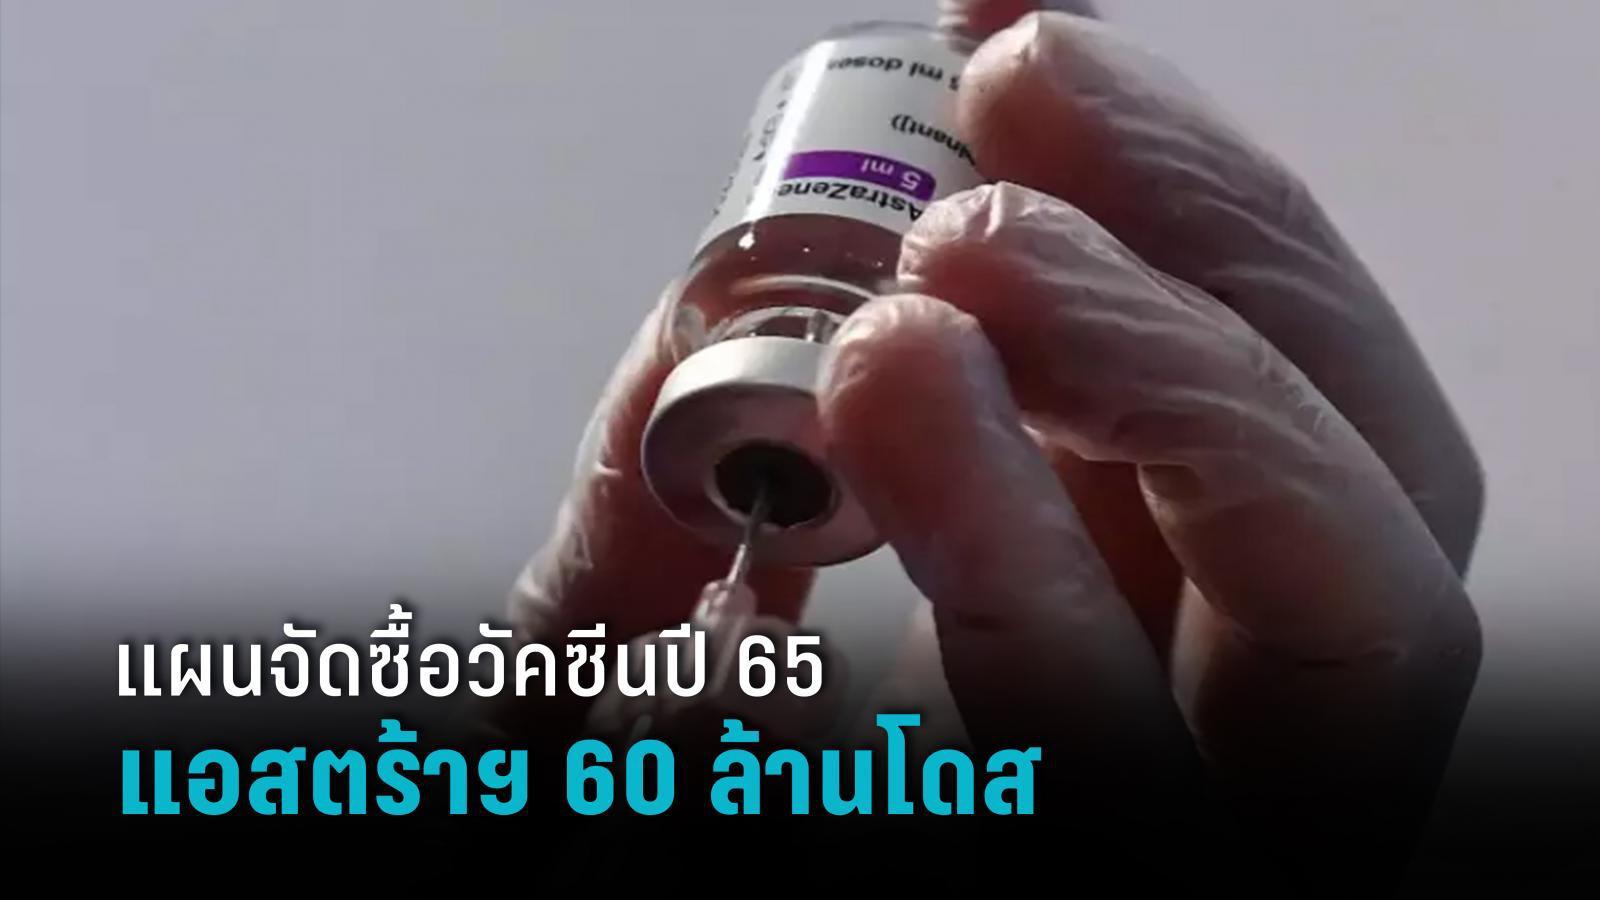 เคาะแผนจัดซื้อวัคซีนปี 65 จากบริษัทแอสตร้าเซนเนก้า 60 ล้านโดส